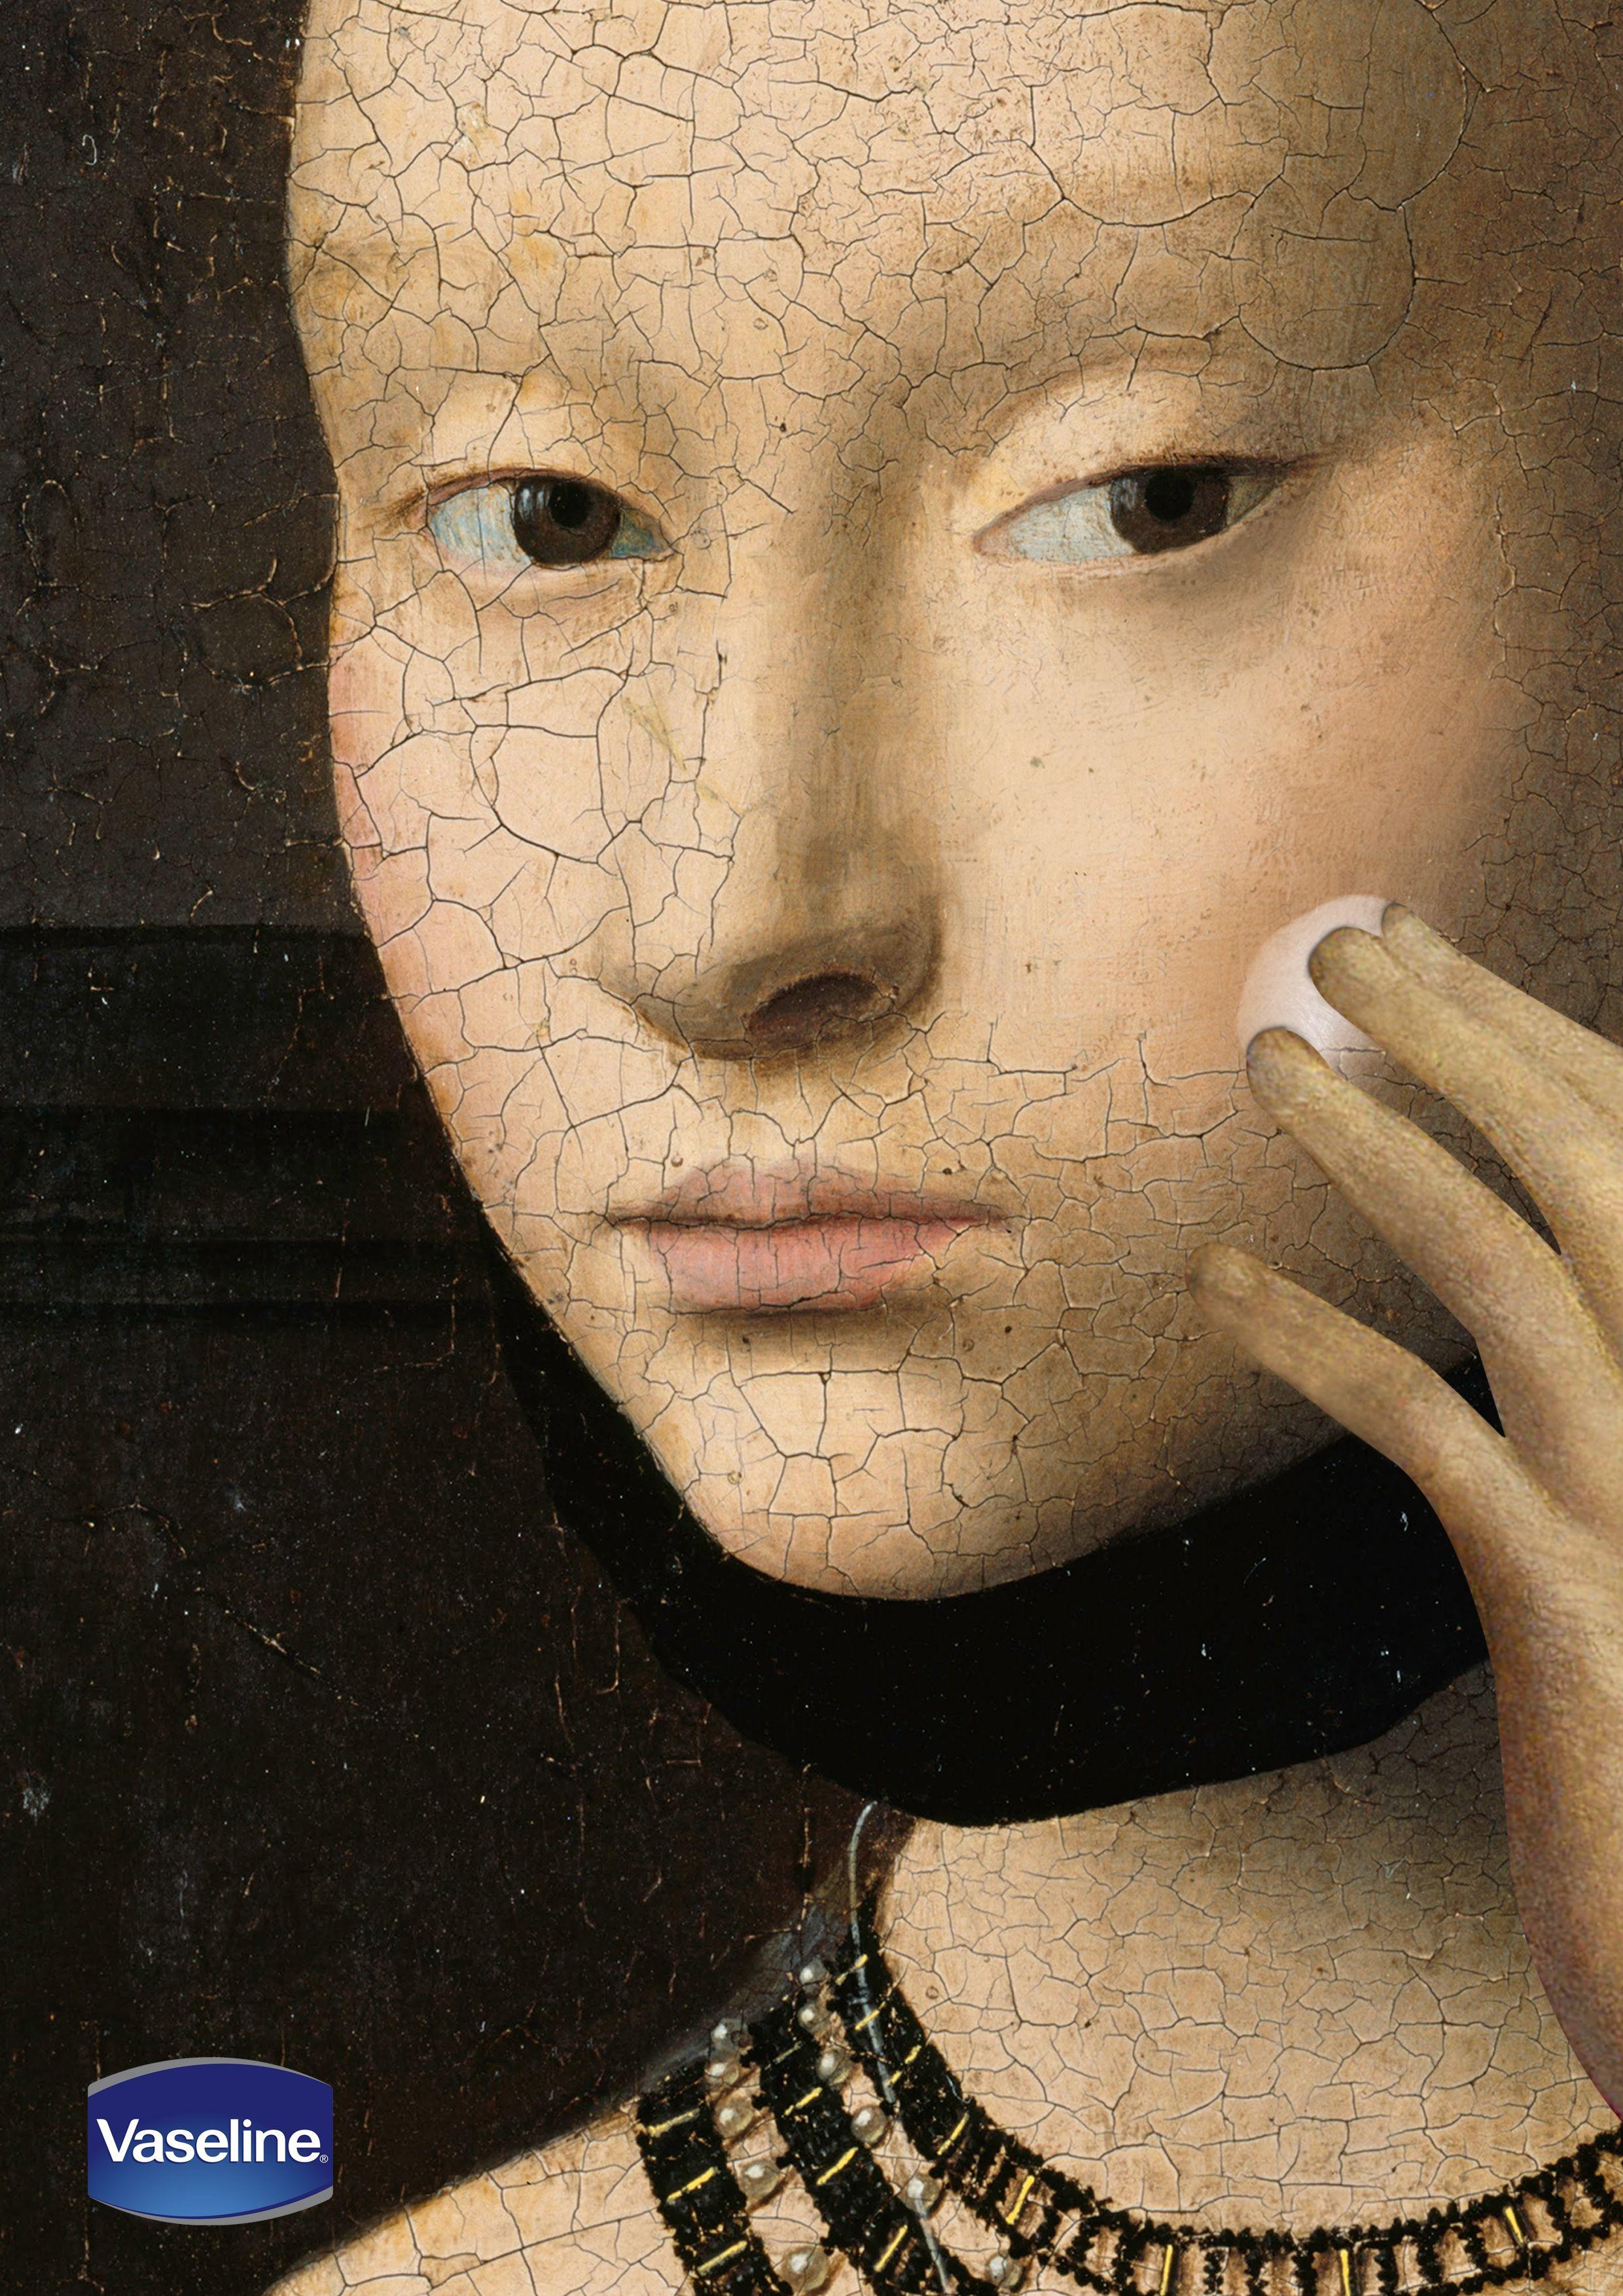 #ads #publicidad #creatividad vaseline-balm-cracked-paintings-print-392365-adeevee.jpg (2480×3508)